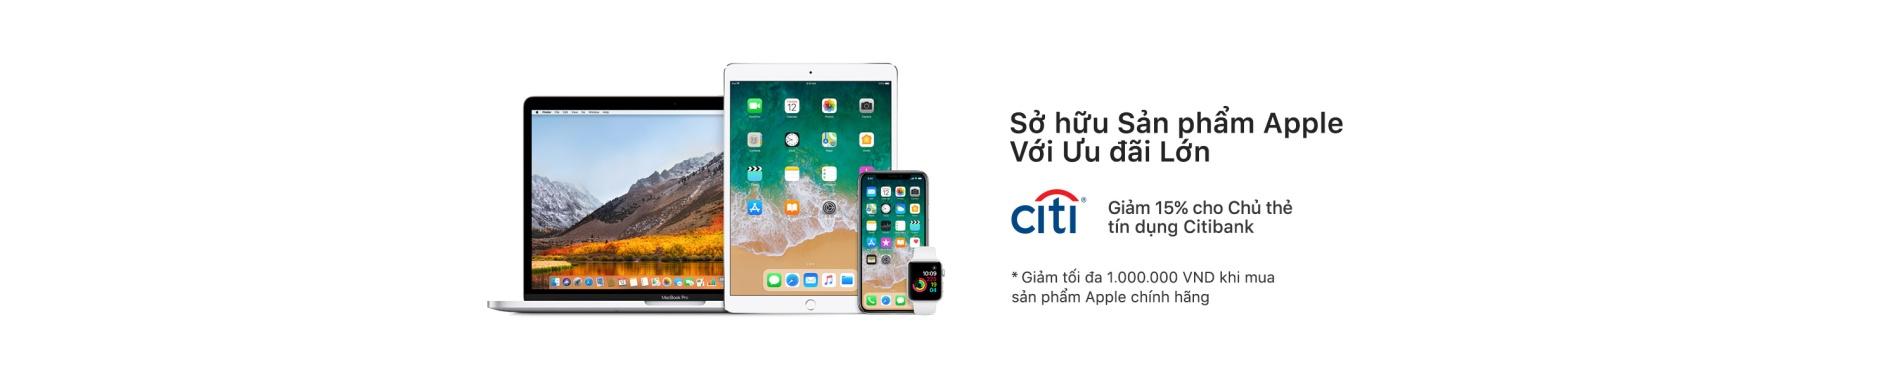 Mua iphone 8 giá rẻ, cà thẻ không tốn phí còn được tặng thêm 1 triệu tại LAZADA, quá yêu !